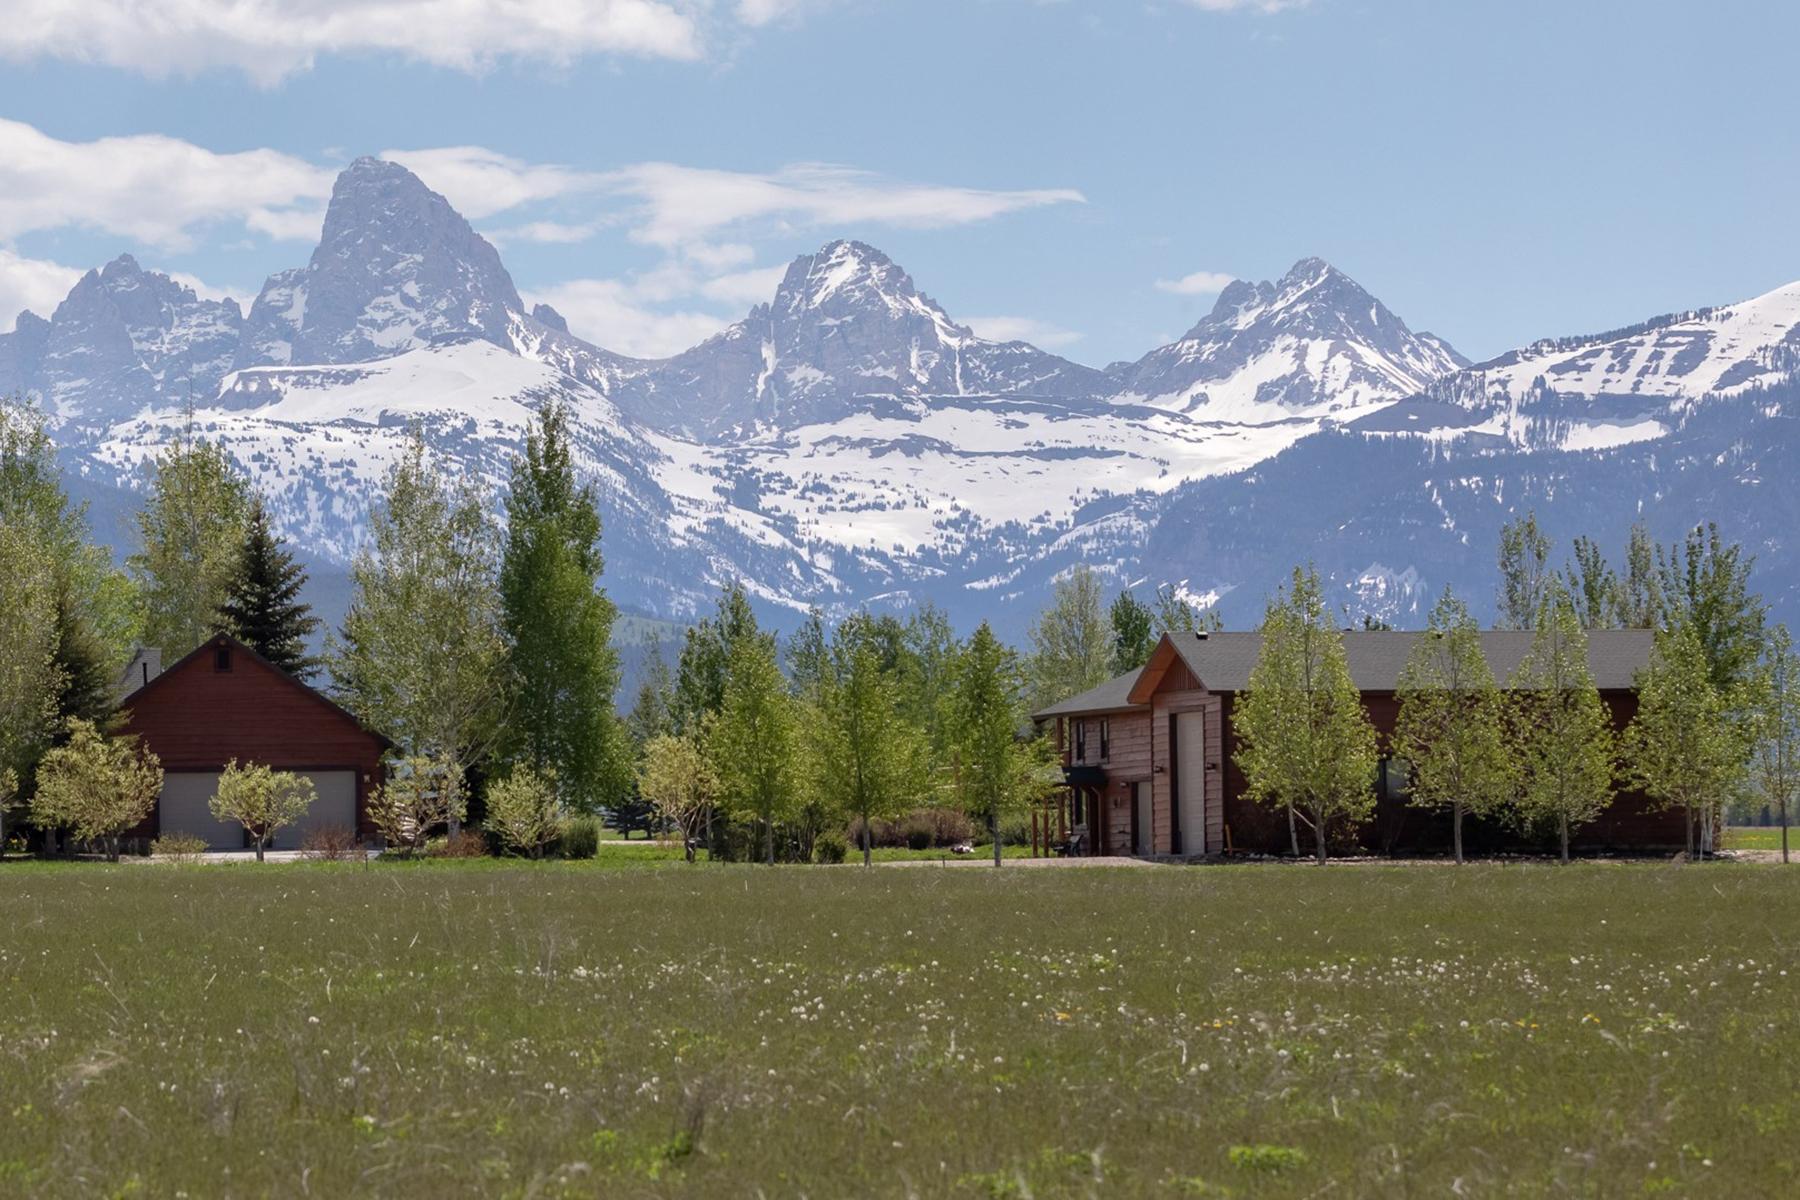 Single Family Homes for Sale at 4662 Brown Drake Cir Tetonia, Idaho 83452 United States